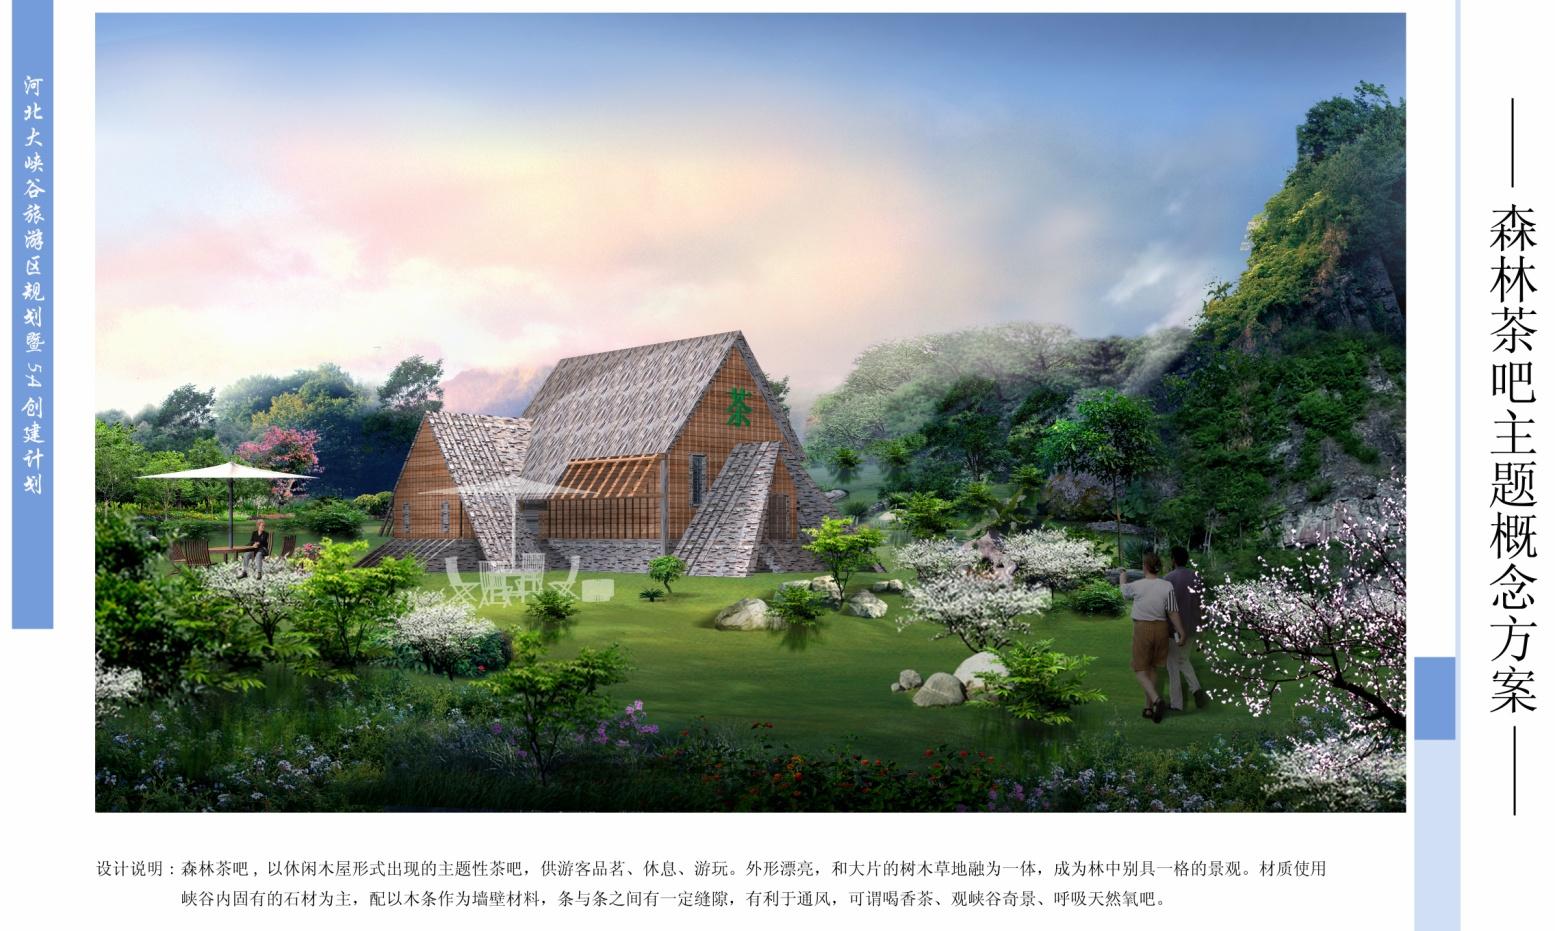 森林茶吧,以休闲木屋形式出现的主题性茶吧,供游客品茗、休息、游玩、外形漂亮,和大片的树木草地融为一体,成为林中别居一格的景观。材质使用峡谷内固有的石材为主,配以木条作为墙壁材料,条与条之间有一定缝隙,有利于通风,可谓喝香茶、观峡谷奇景、呼吸天然氧吧。